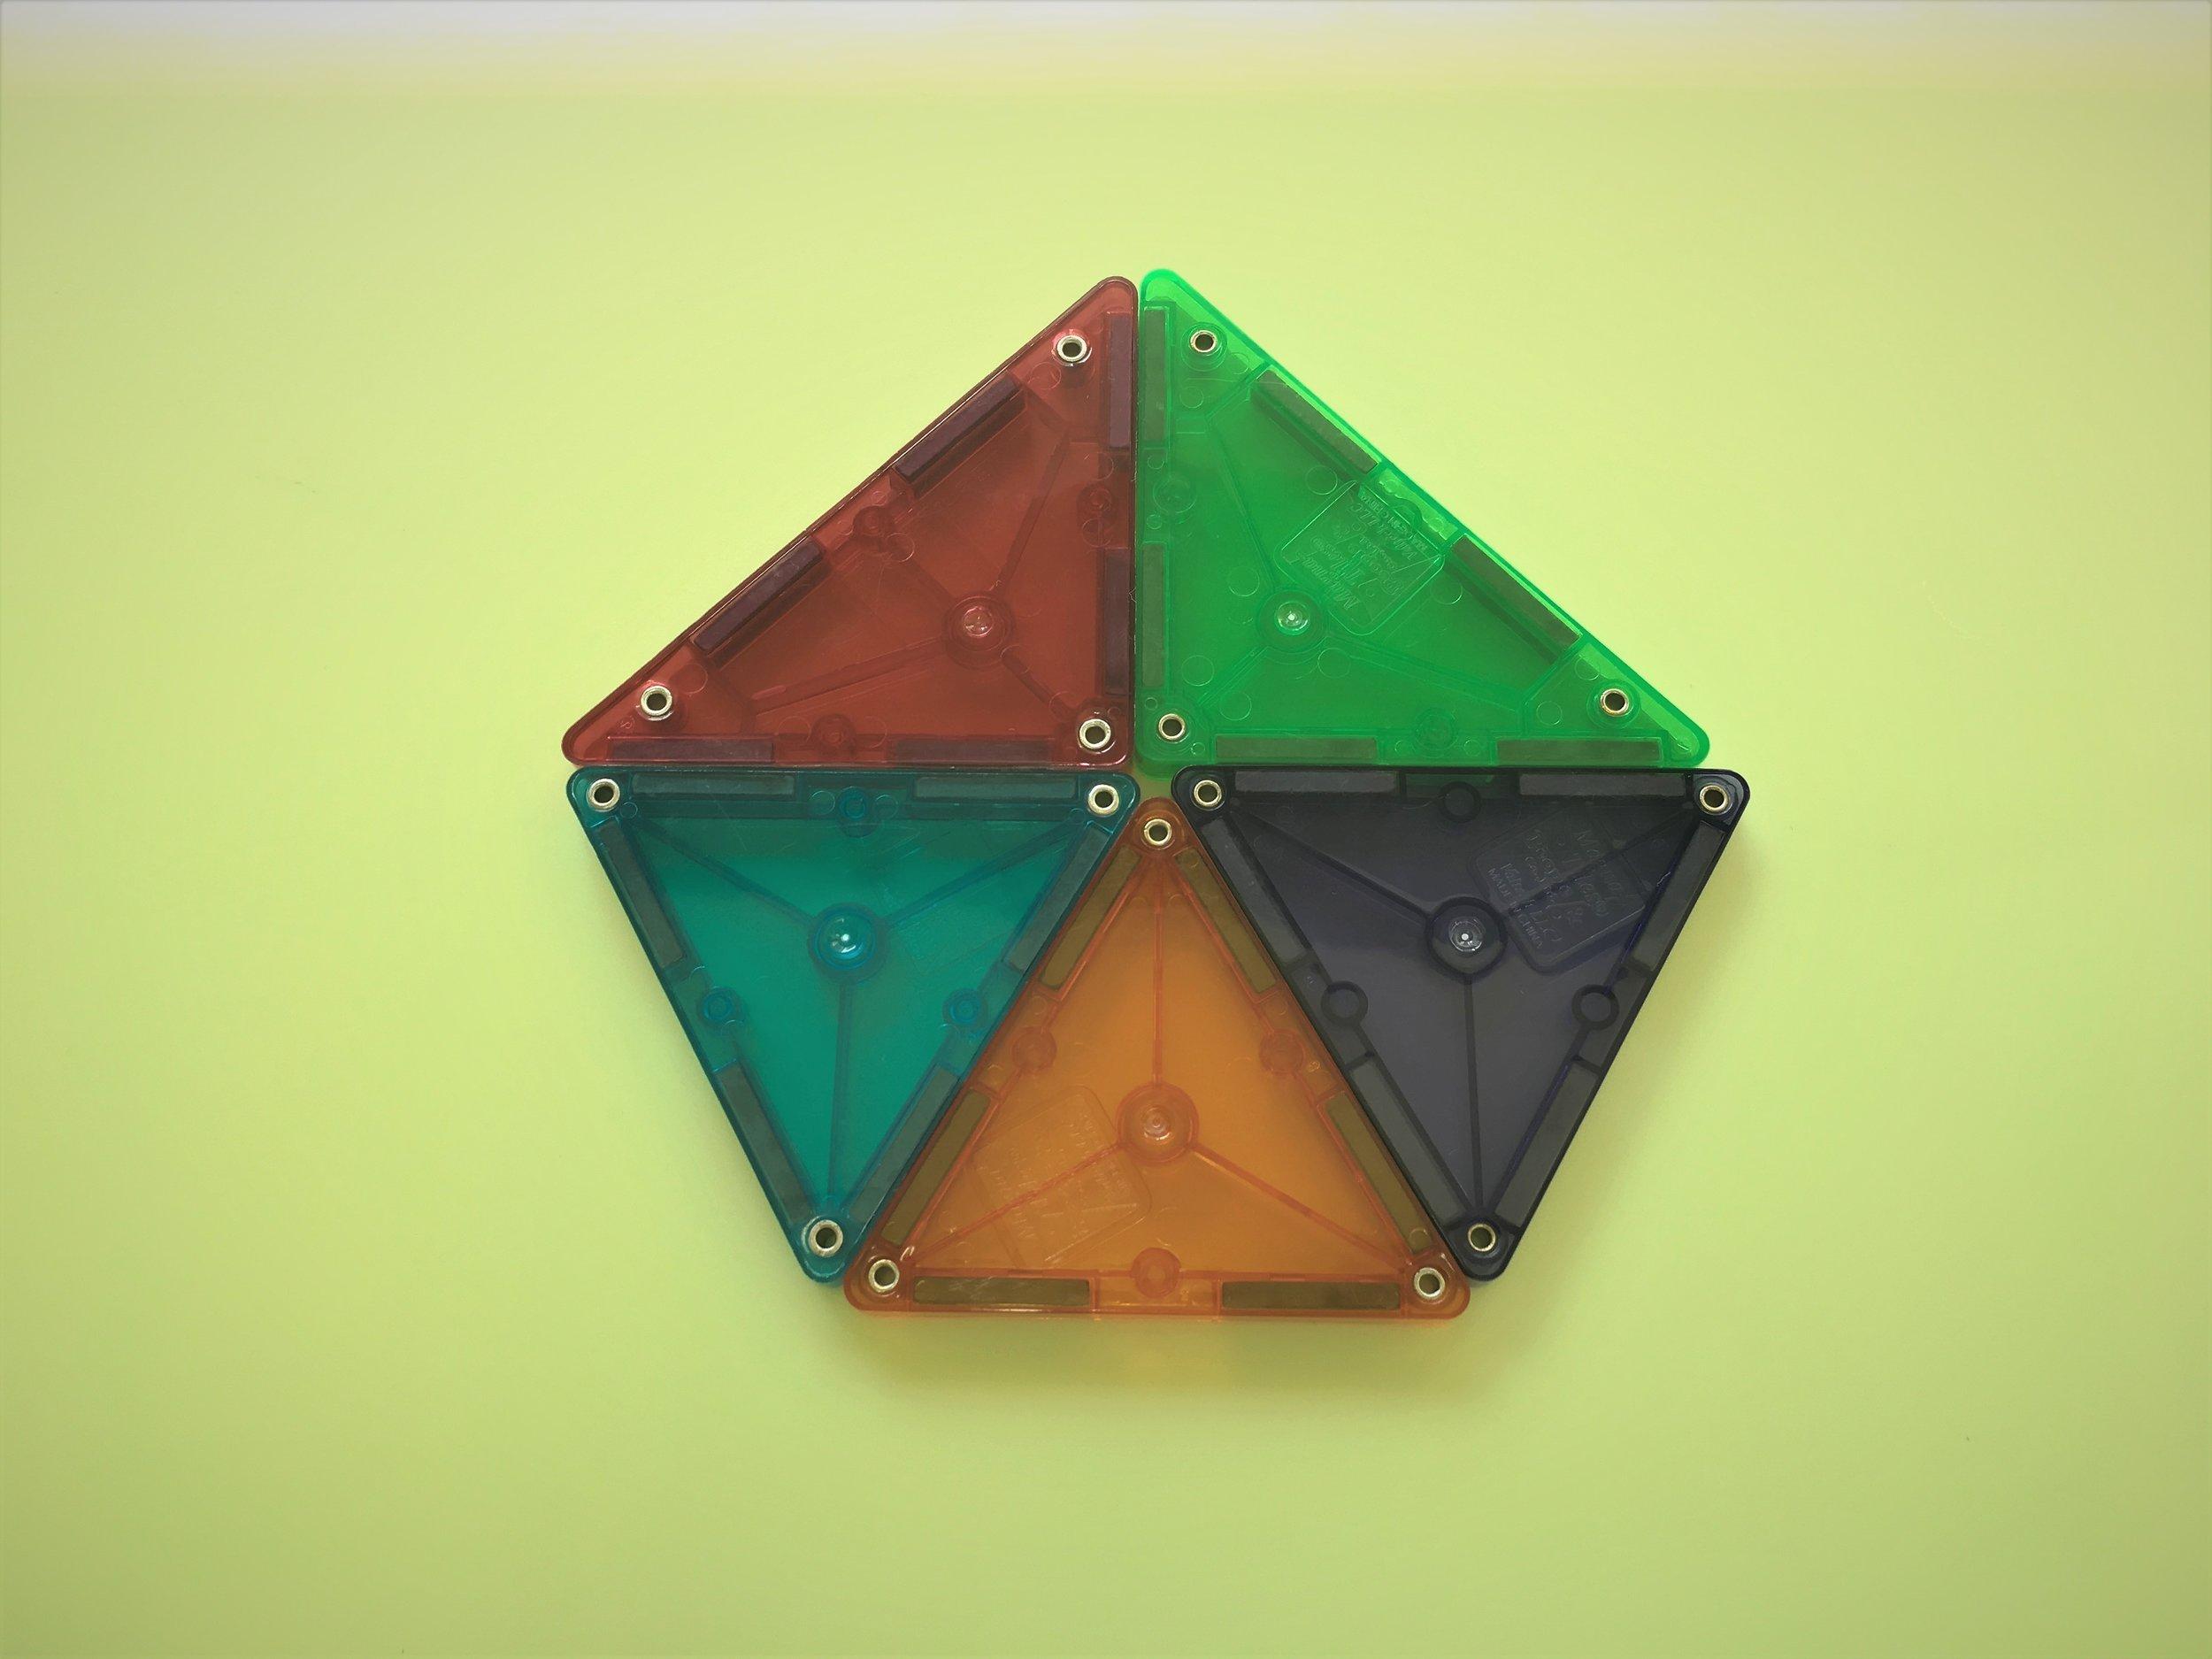 五角形(Pentagon)の完成です!この図形には不思議な魅力を感じてしまいます。